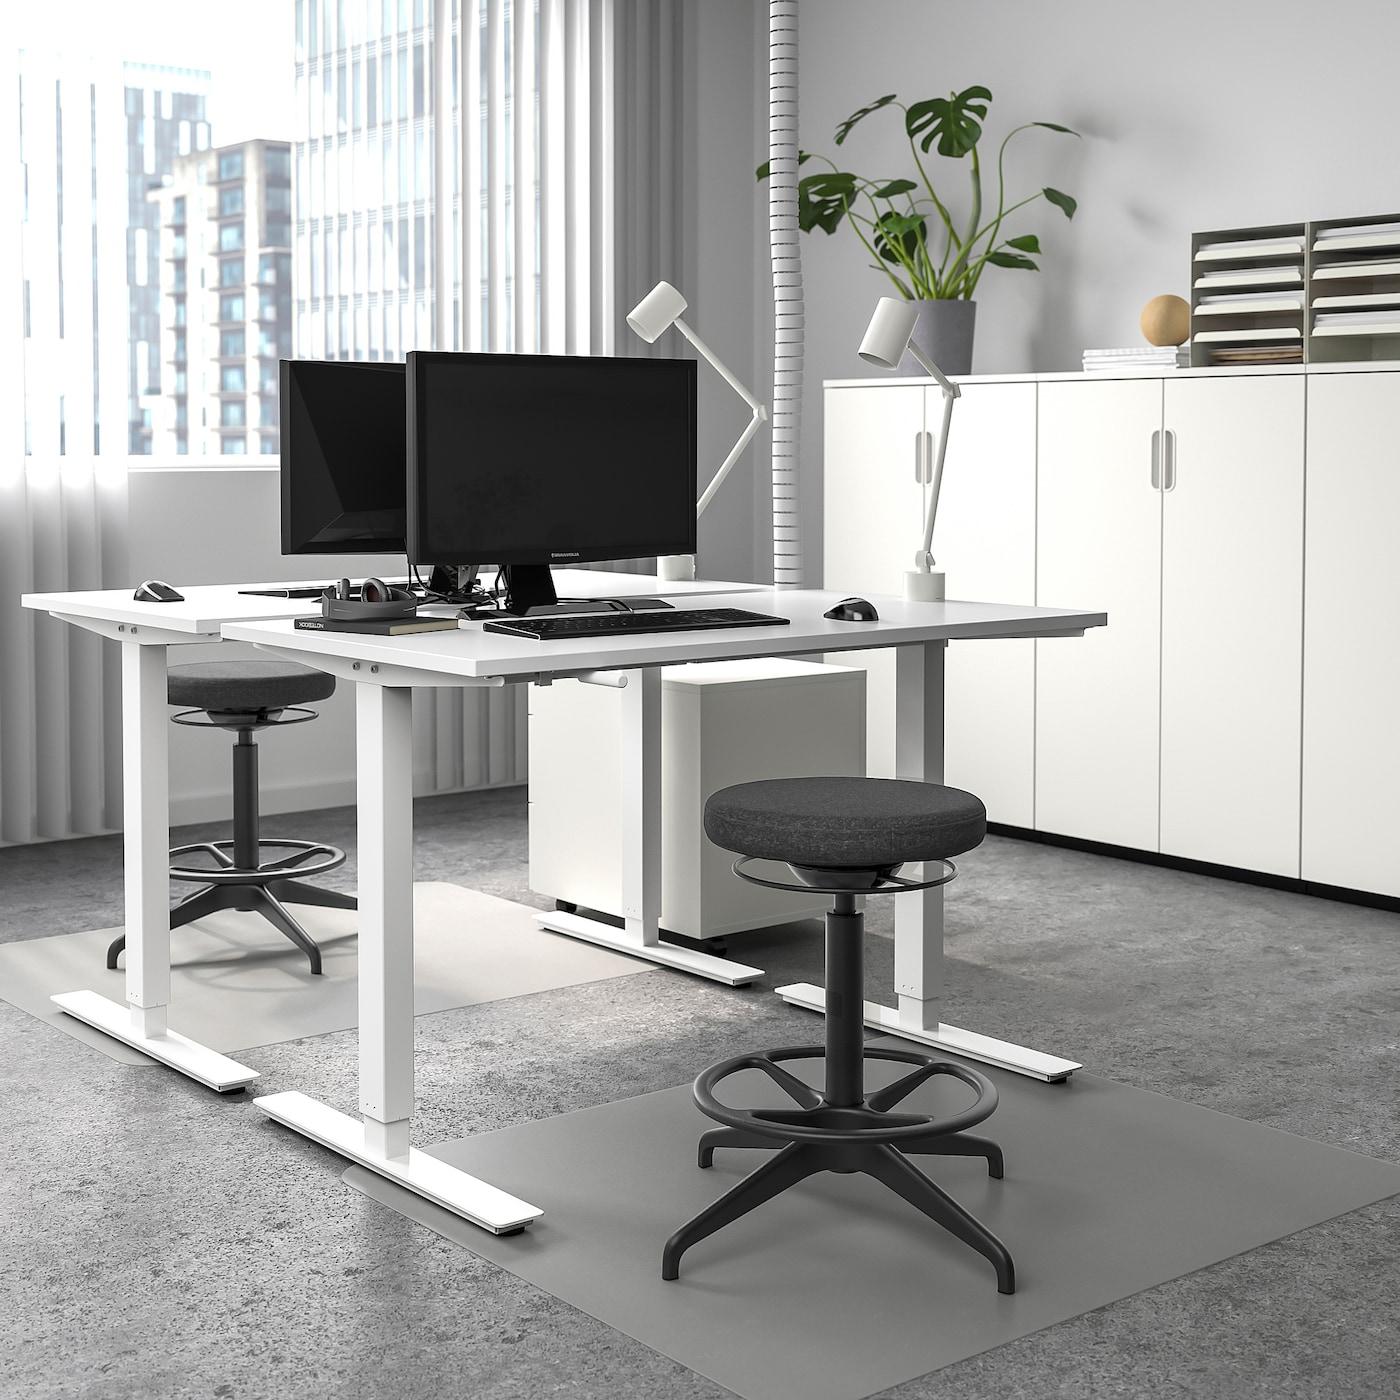 SKARSTA Desk sit/stand - white - IKEA